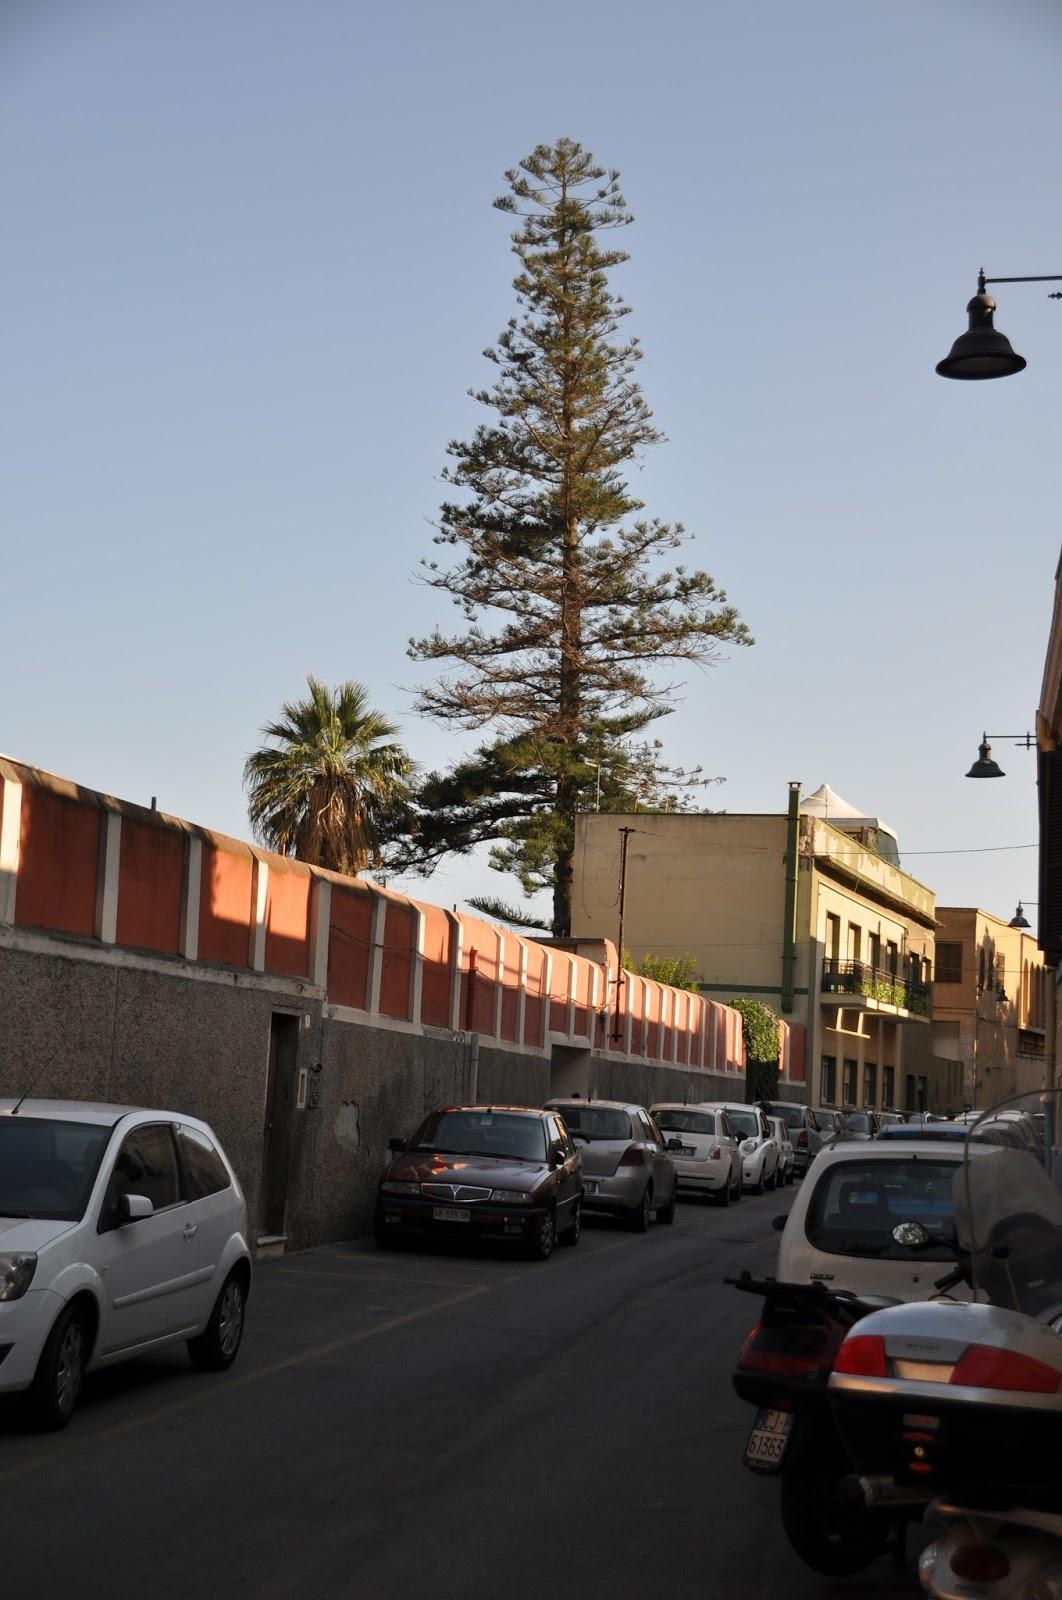 Lo sapevate l 39 albero pi alto di cagliari un 39 araucaria for Piani di casa di 4000 piedi quadrati